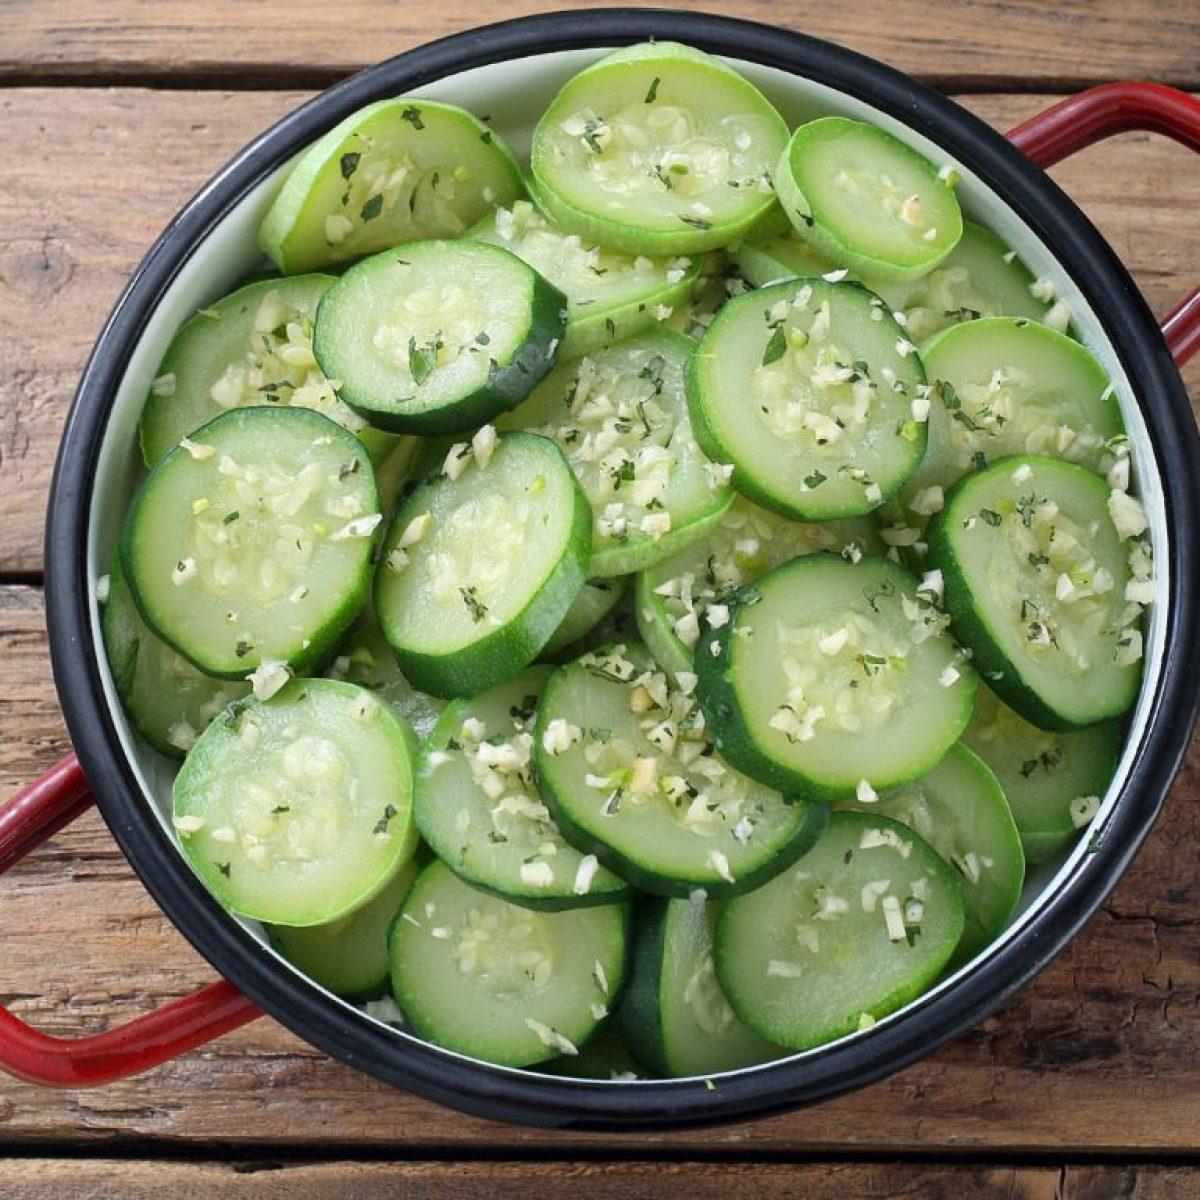 Ricetta Zucchine Bollite.Zucchine Lesse La Ricetta Semplice Per Il Contorno Leggero E Salutare